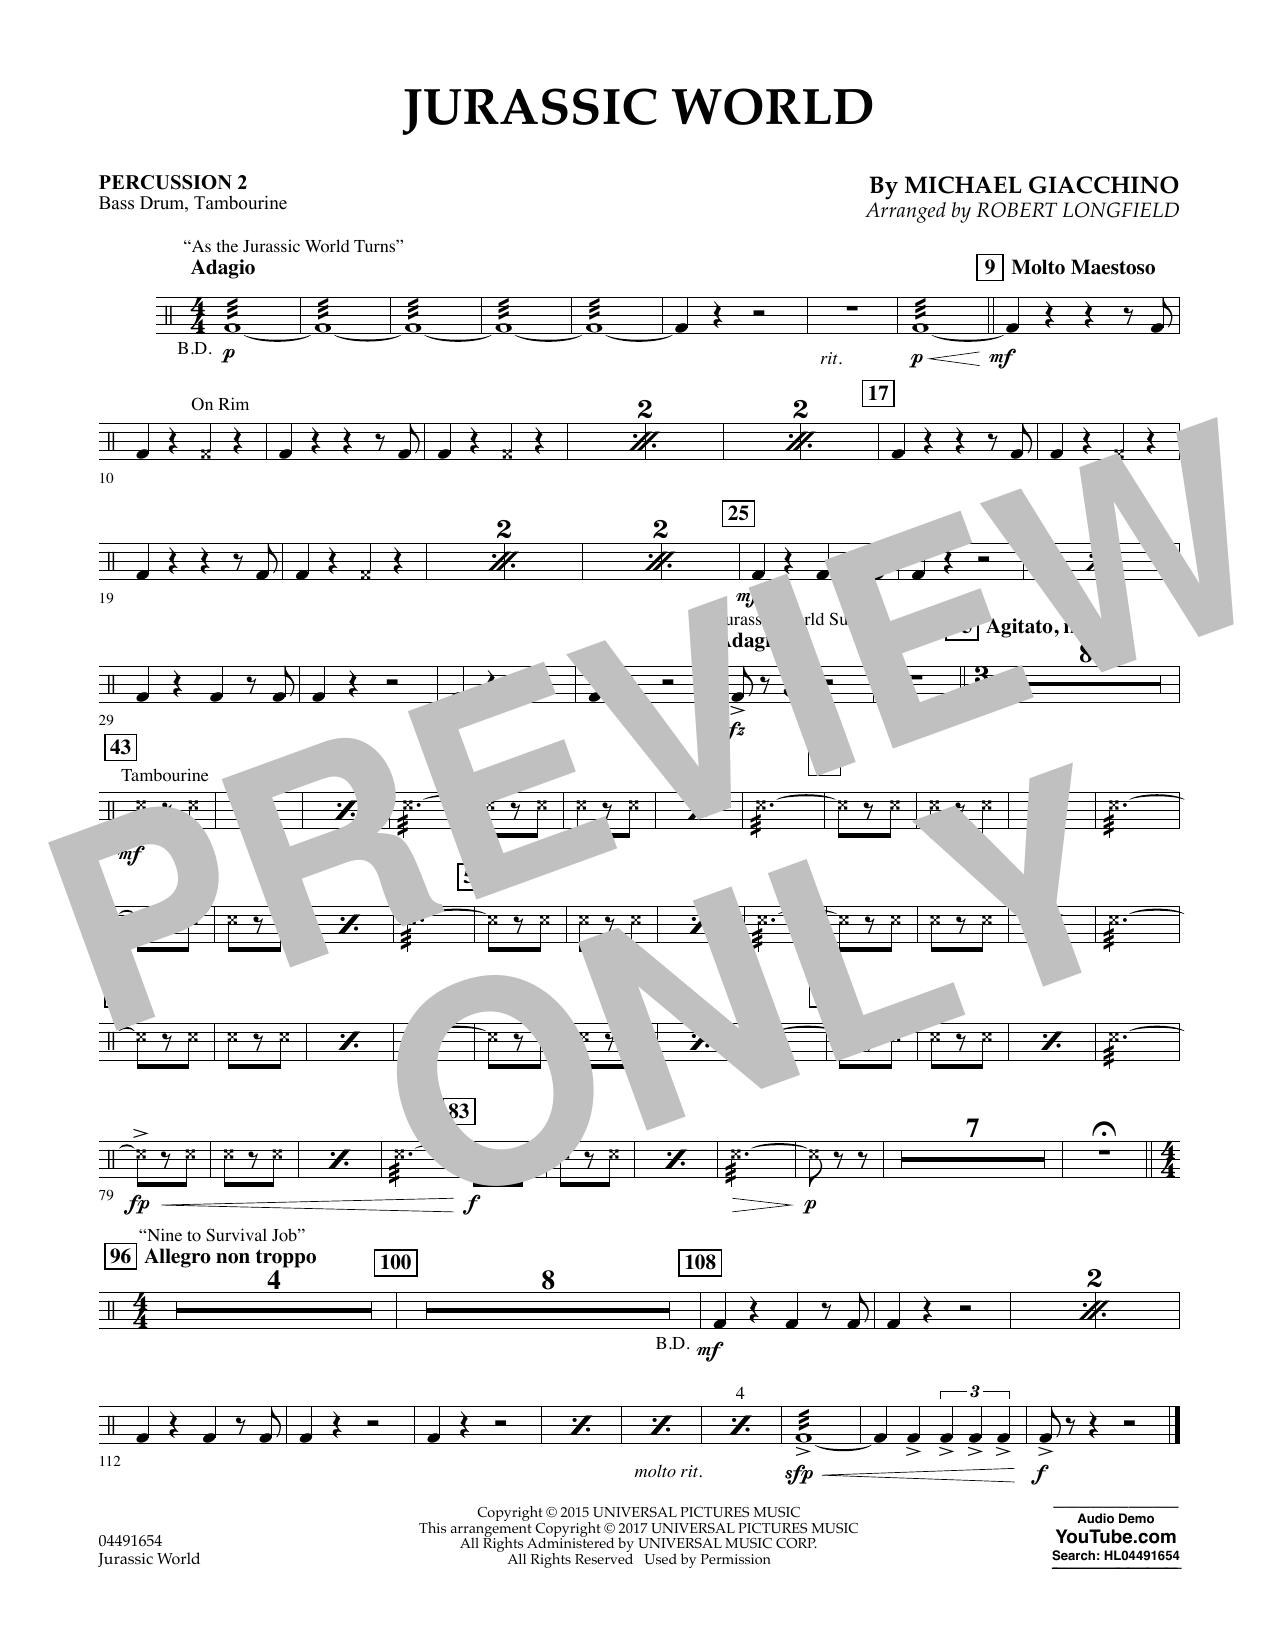 Jurassic World - Percussion 2 Sheet Music